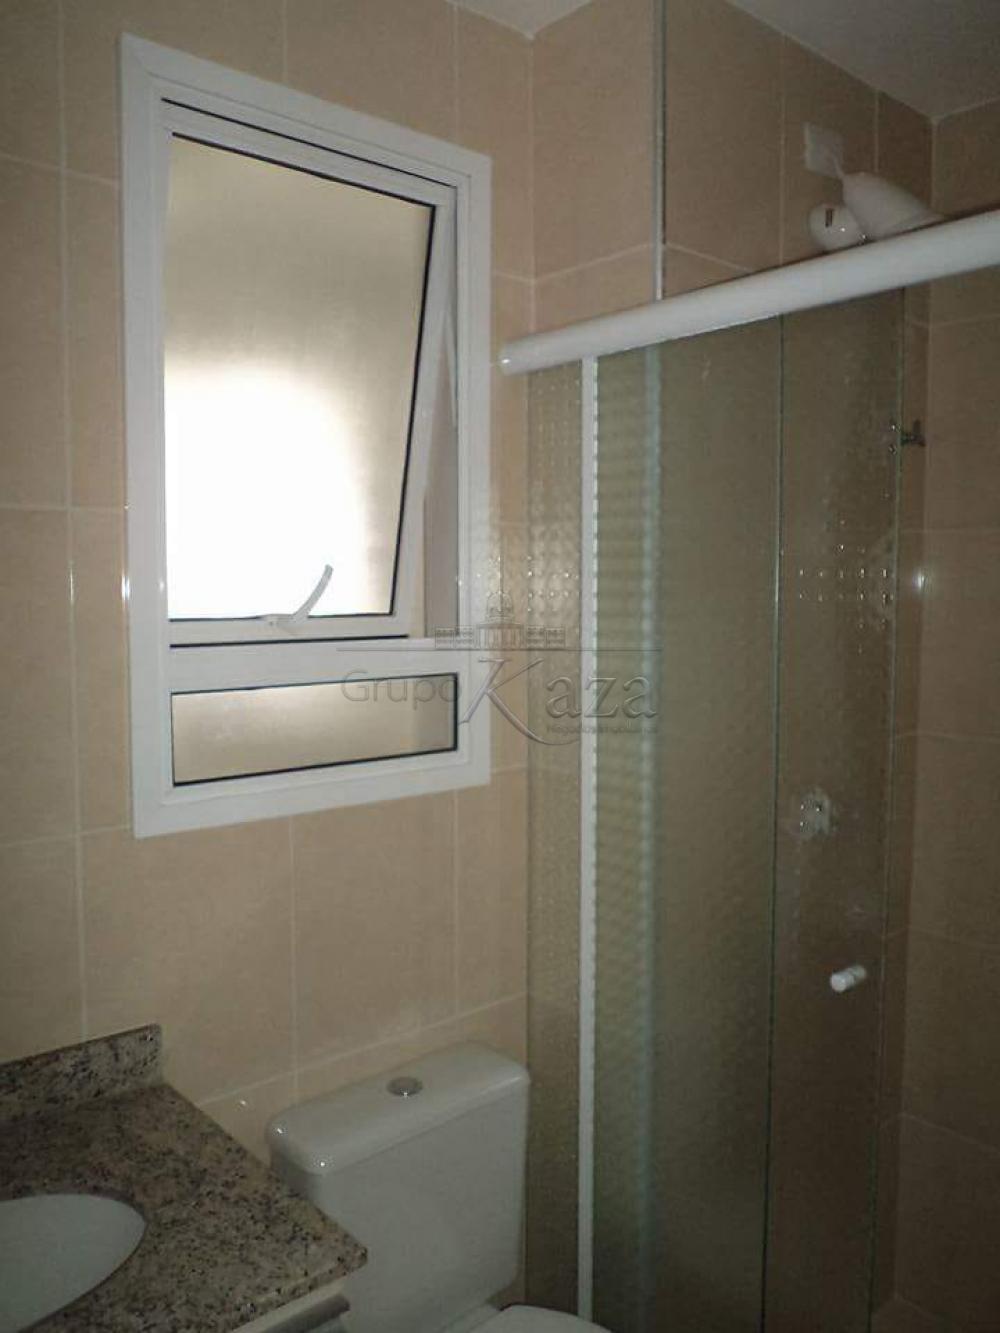 alt='Alugar Apartamento / Padrão em São José dos Campos R$ 1.250,00 - Foto 11' title='Alugar Apartamento / Padrão em São José dos Campos R$ 1.250,00 - Foto 11'